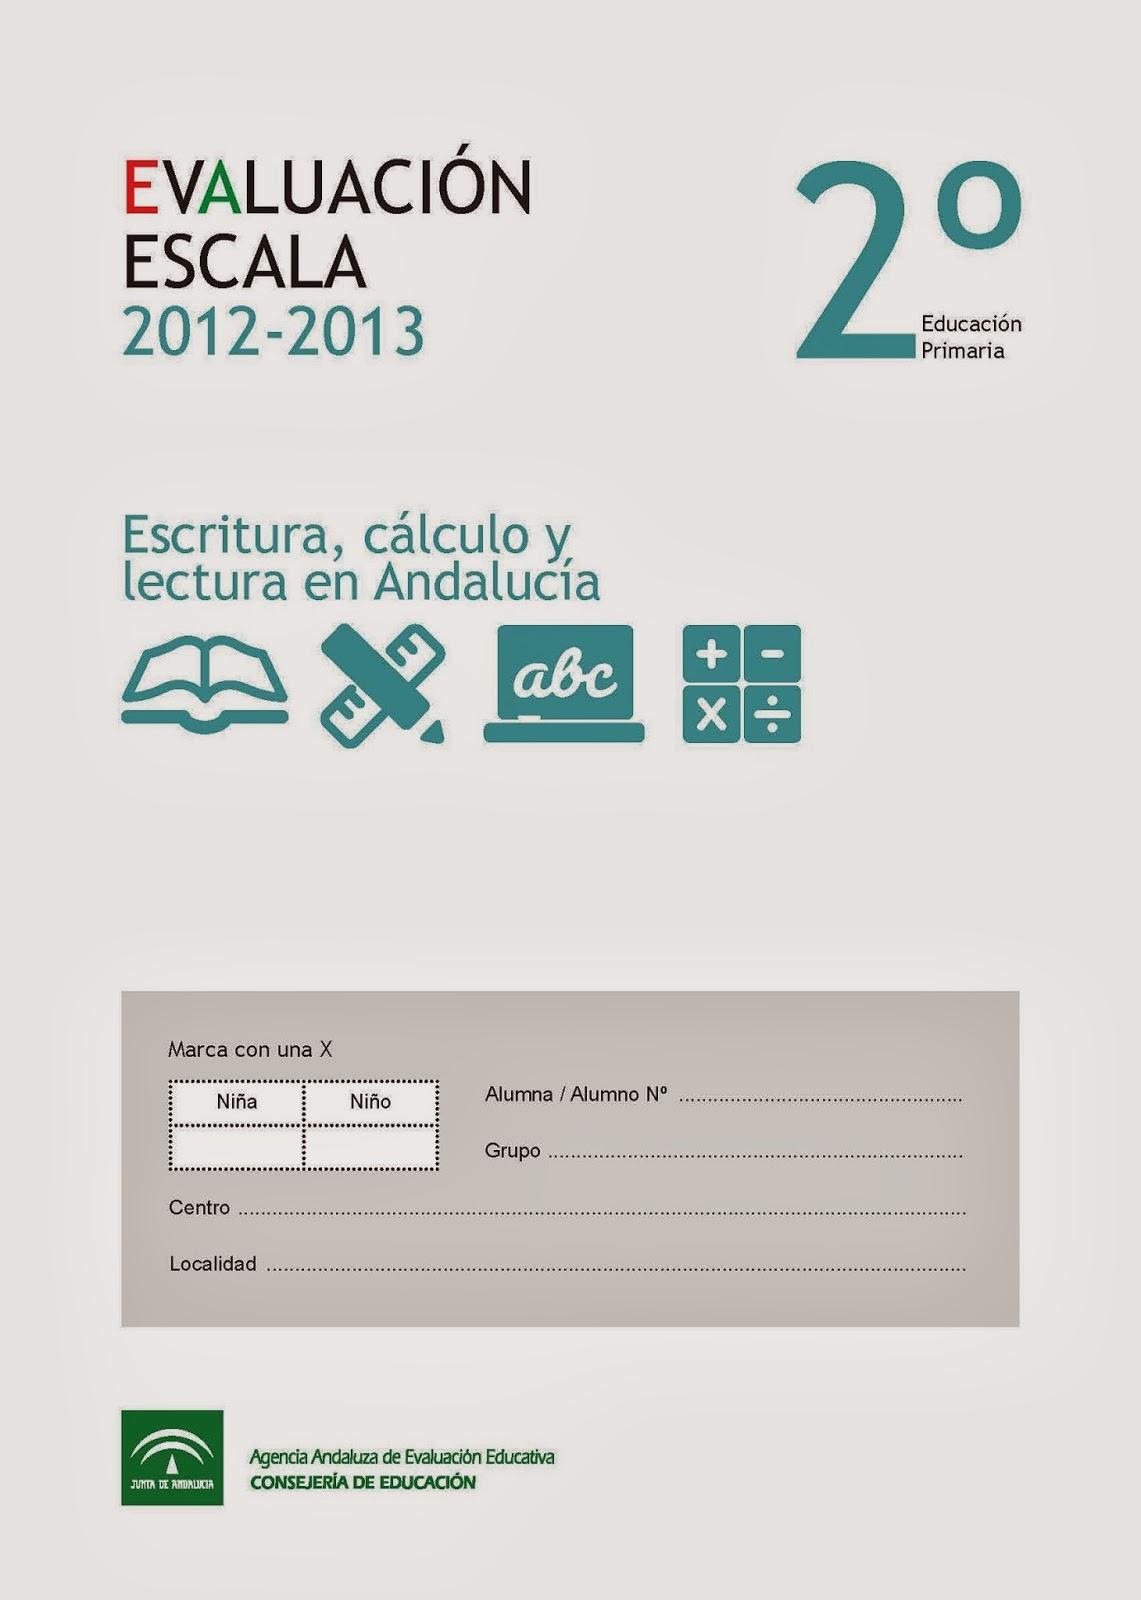 issuu.com/asuncioncabello/docs/pruebaescala2012-2013?e=1617168/7000379